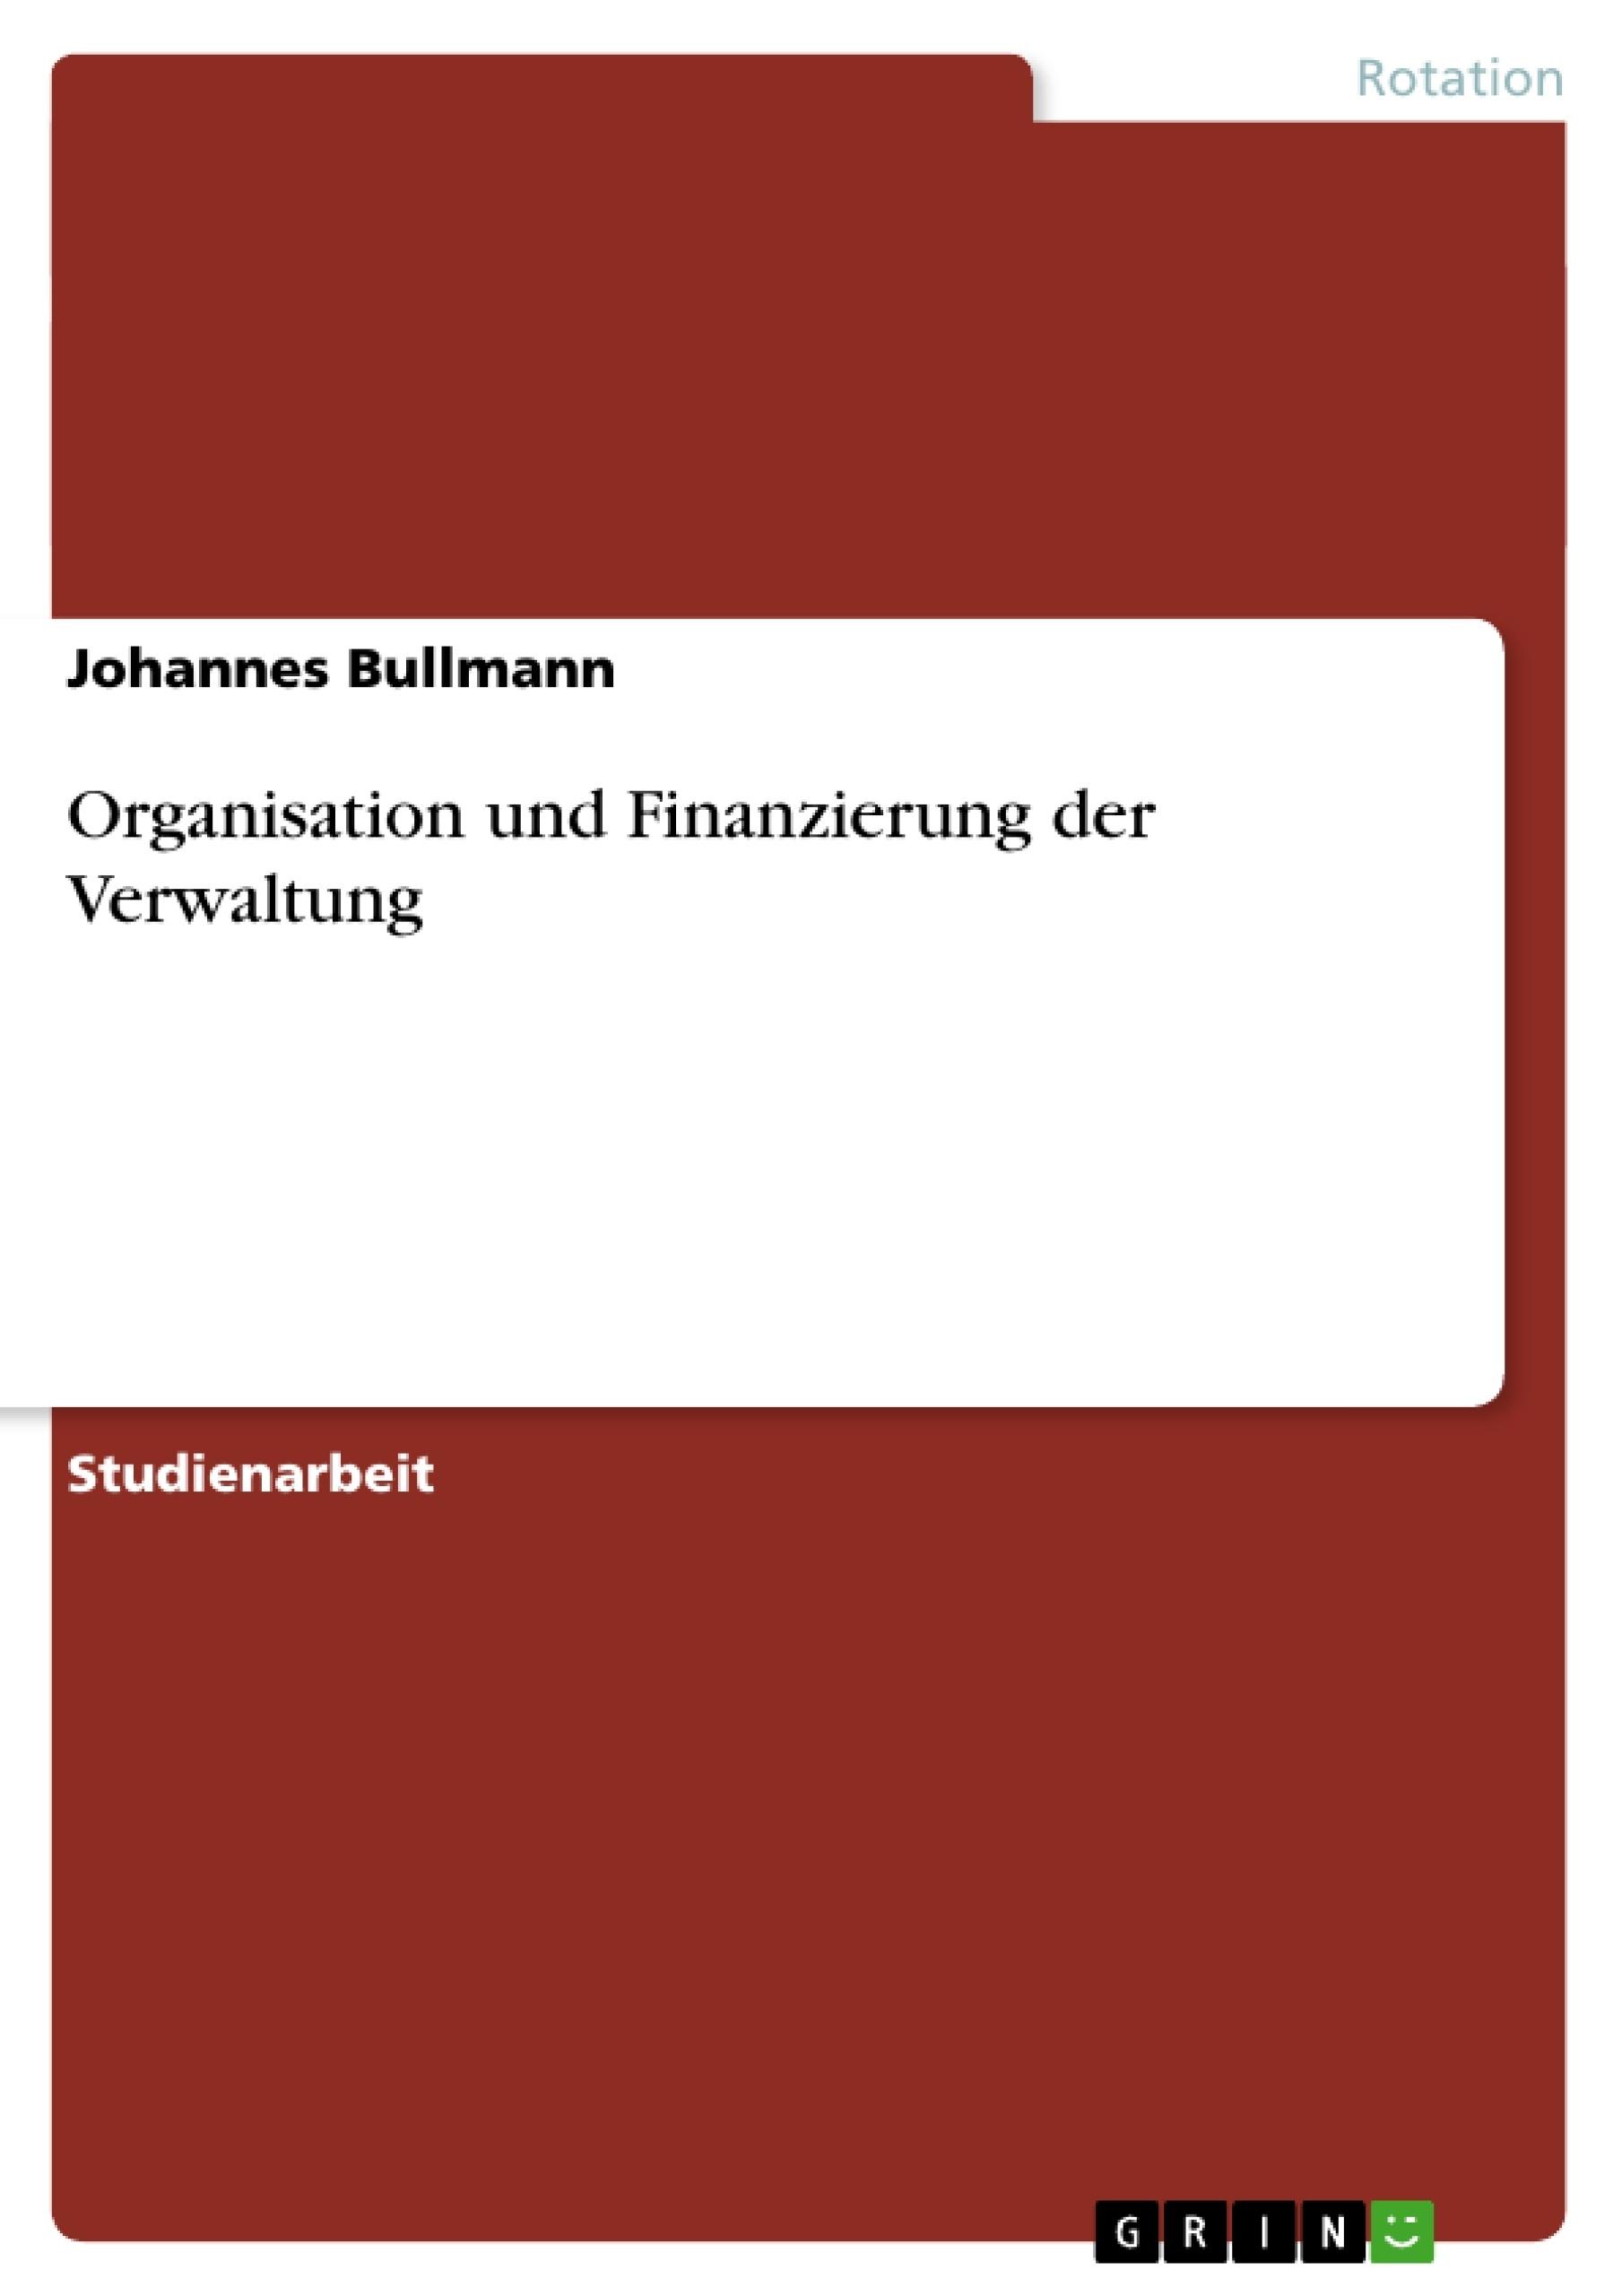 Titel: Organisation und Finanzierung der Verwaltung